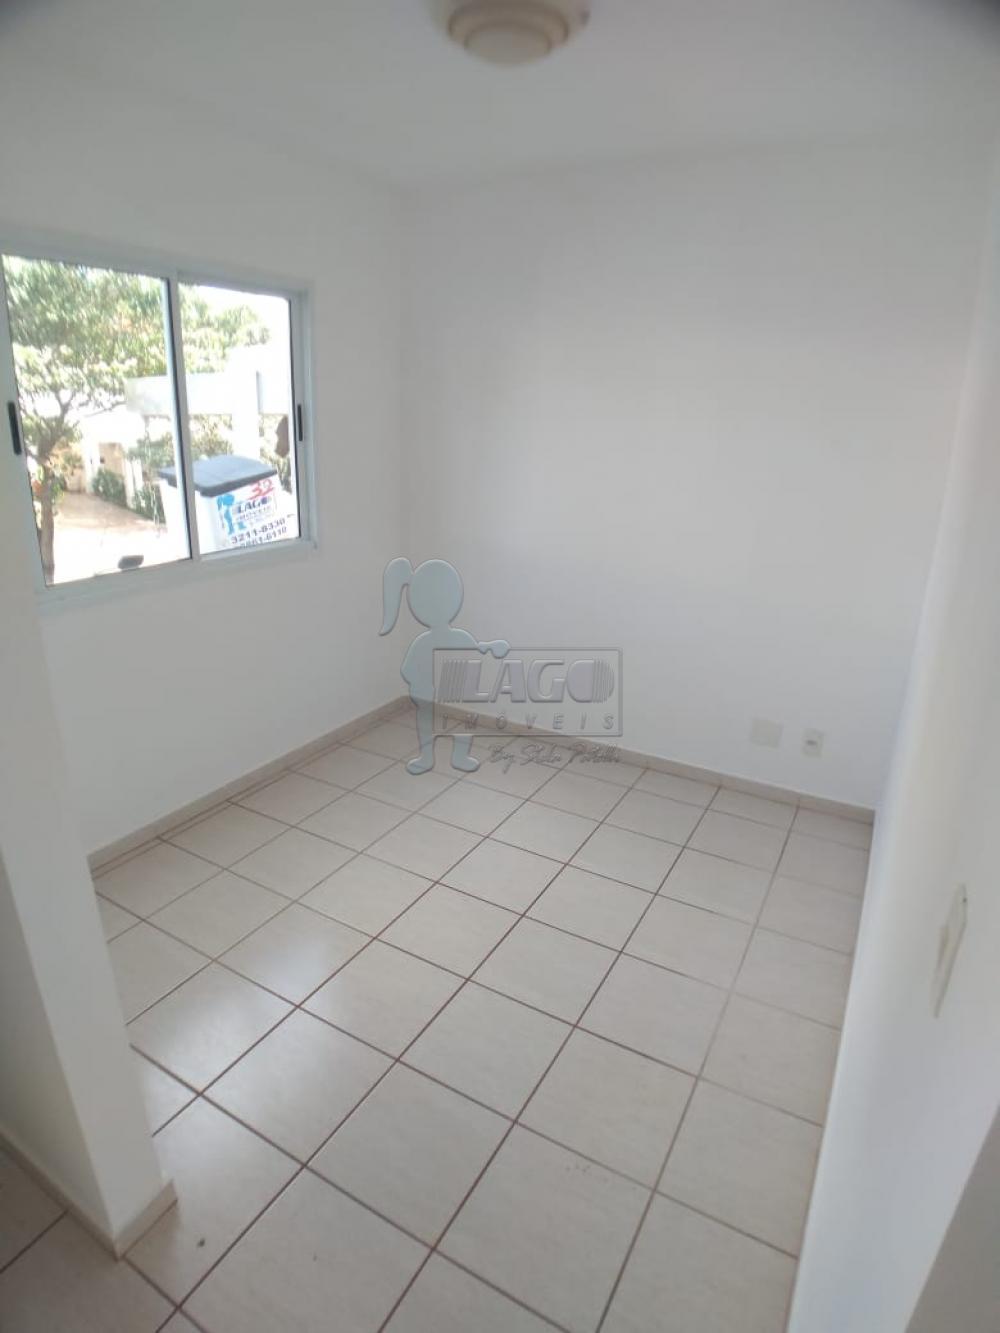 Alugar Casas / Condomínio em Ribeirão Preto apenas R$ 1.800,00 - Foto 4